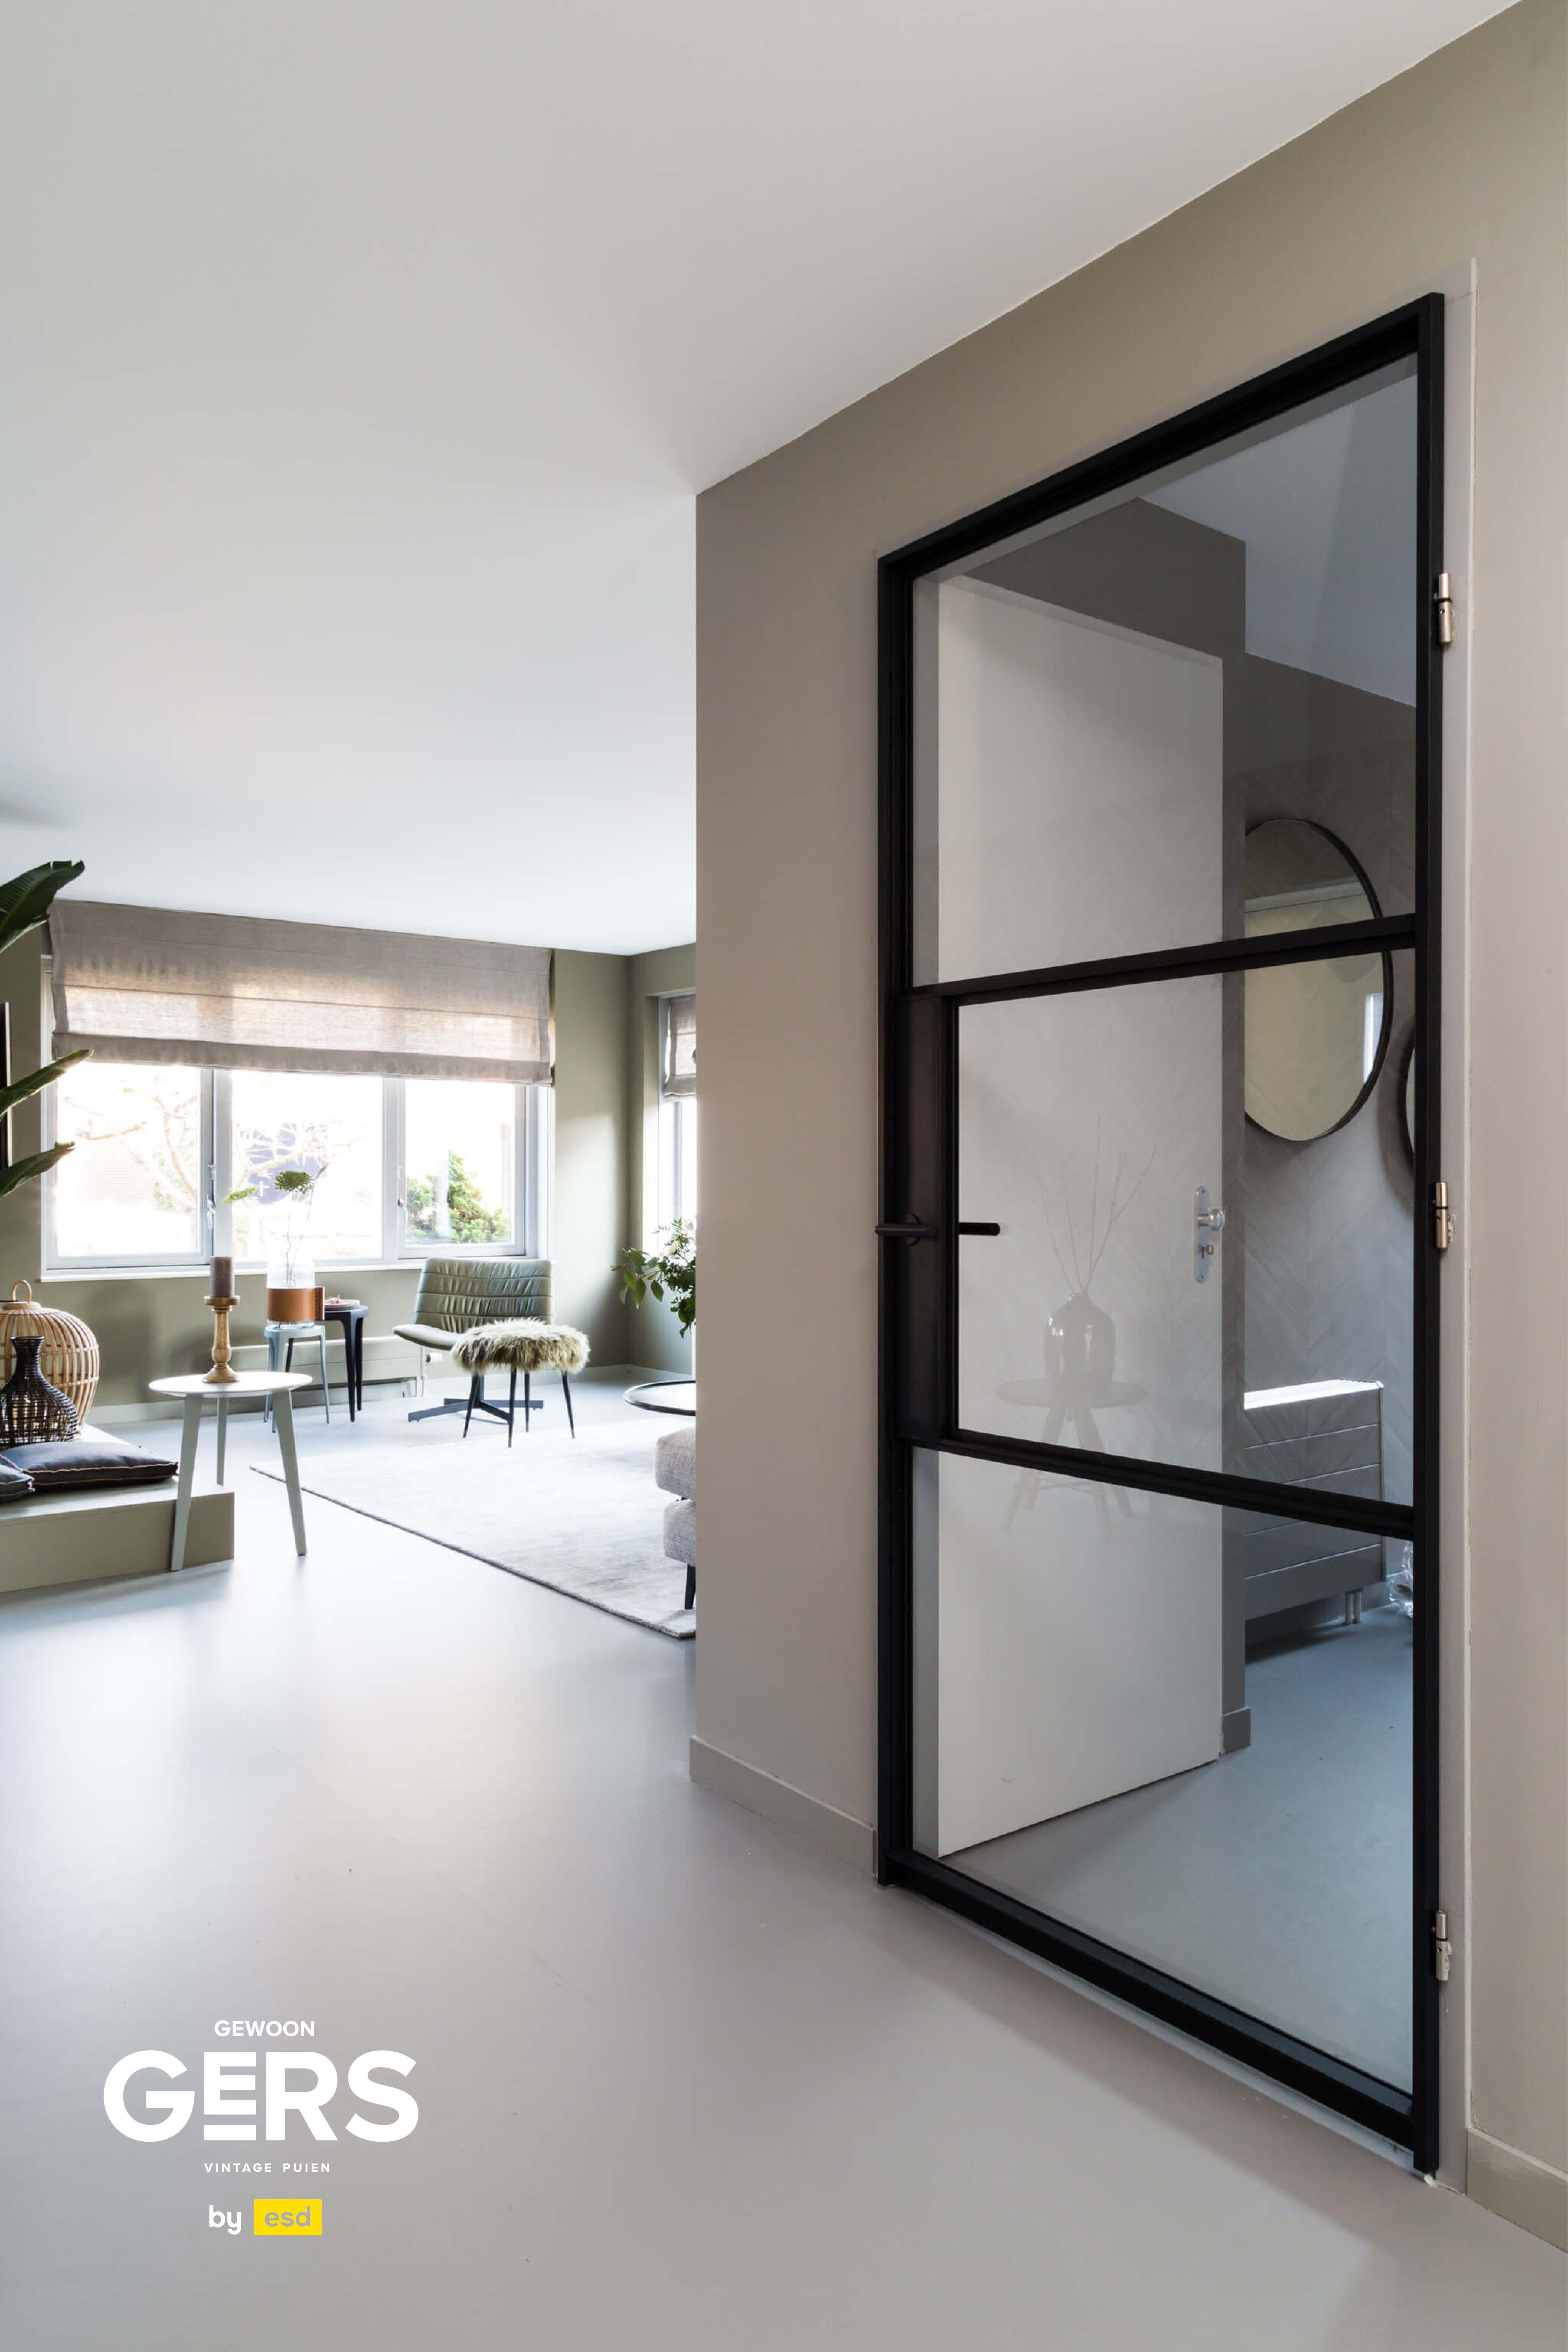 vtwonen project: GewoonGers deur tussen hal en woonkamer